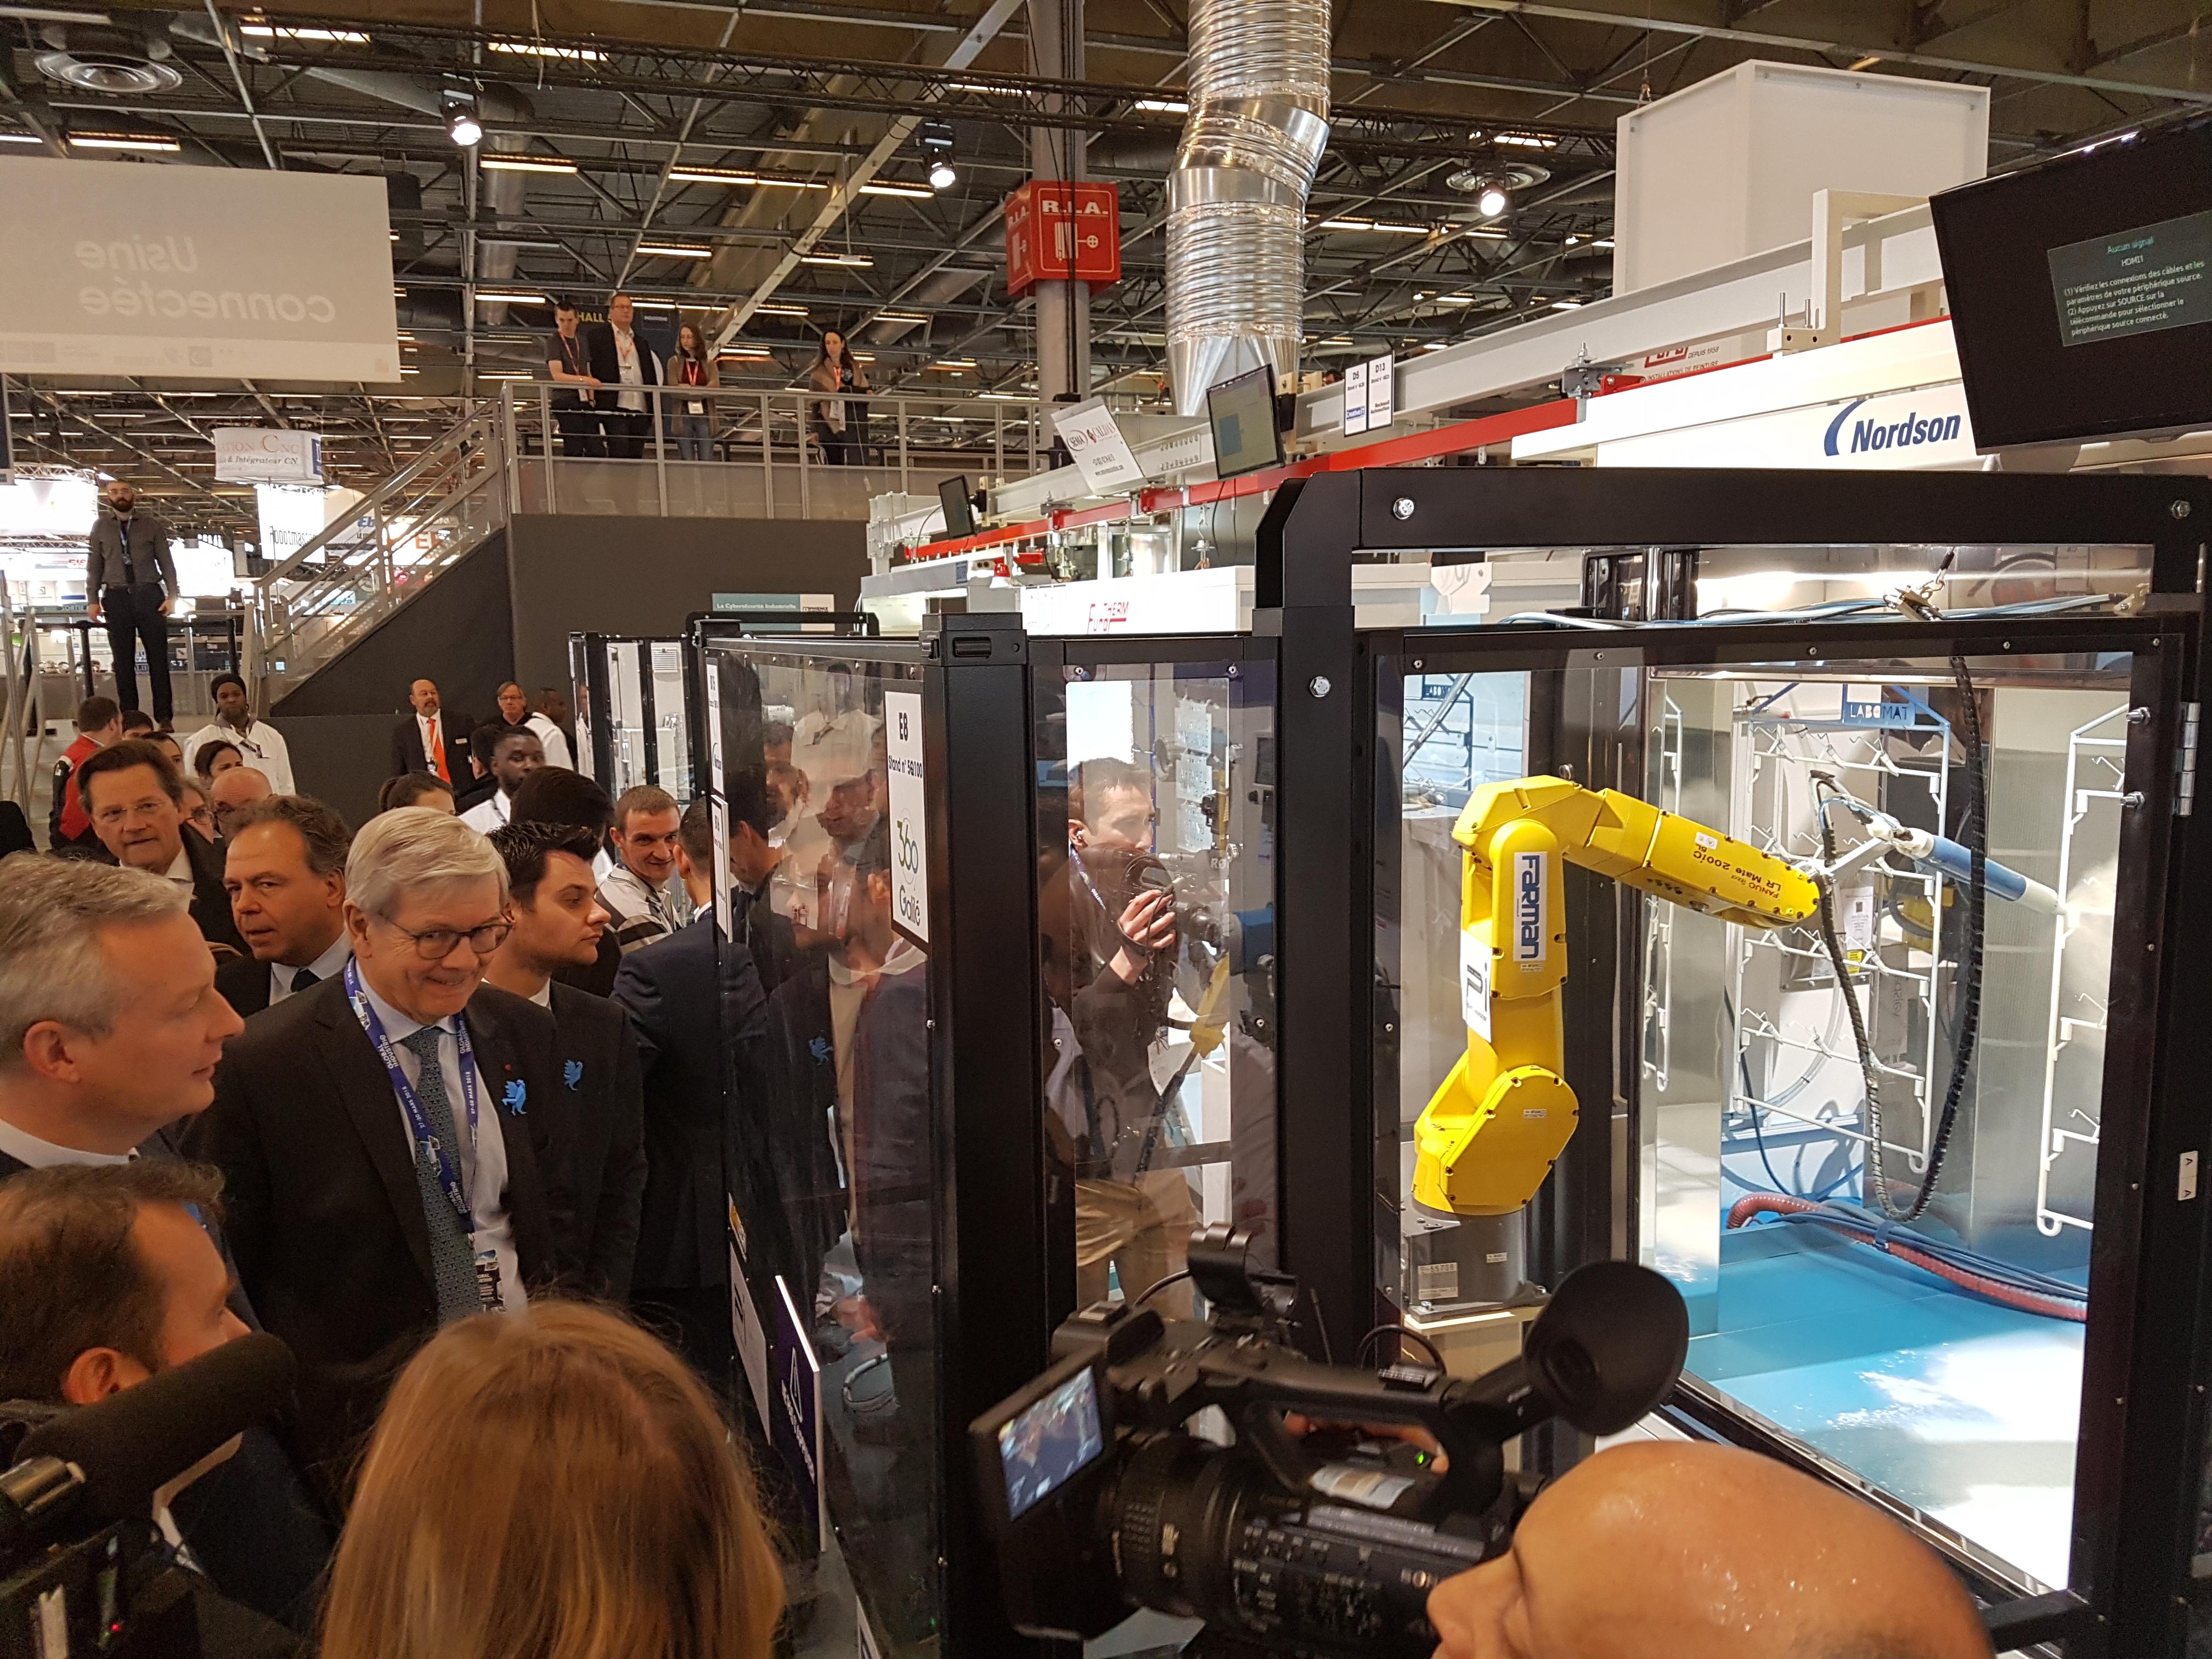 Salon global industrie paris pi system automation - Salon de l industrie paris ...